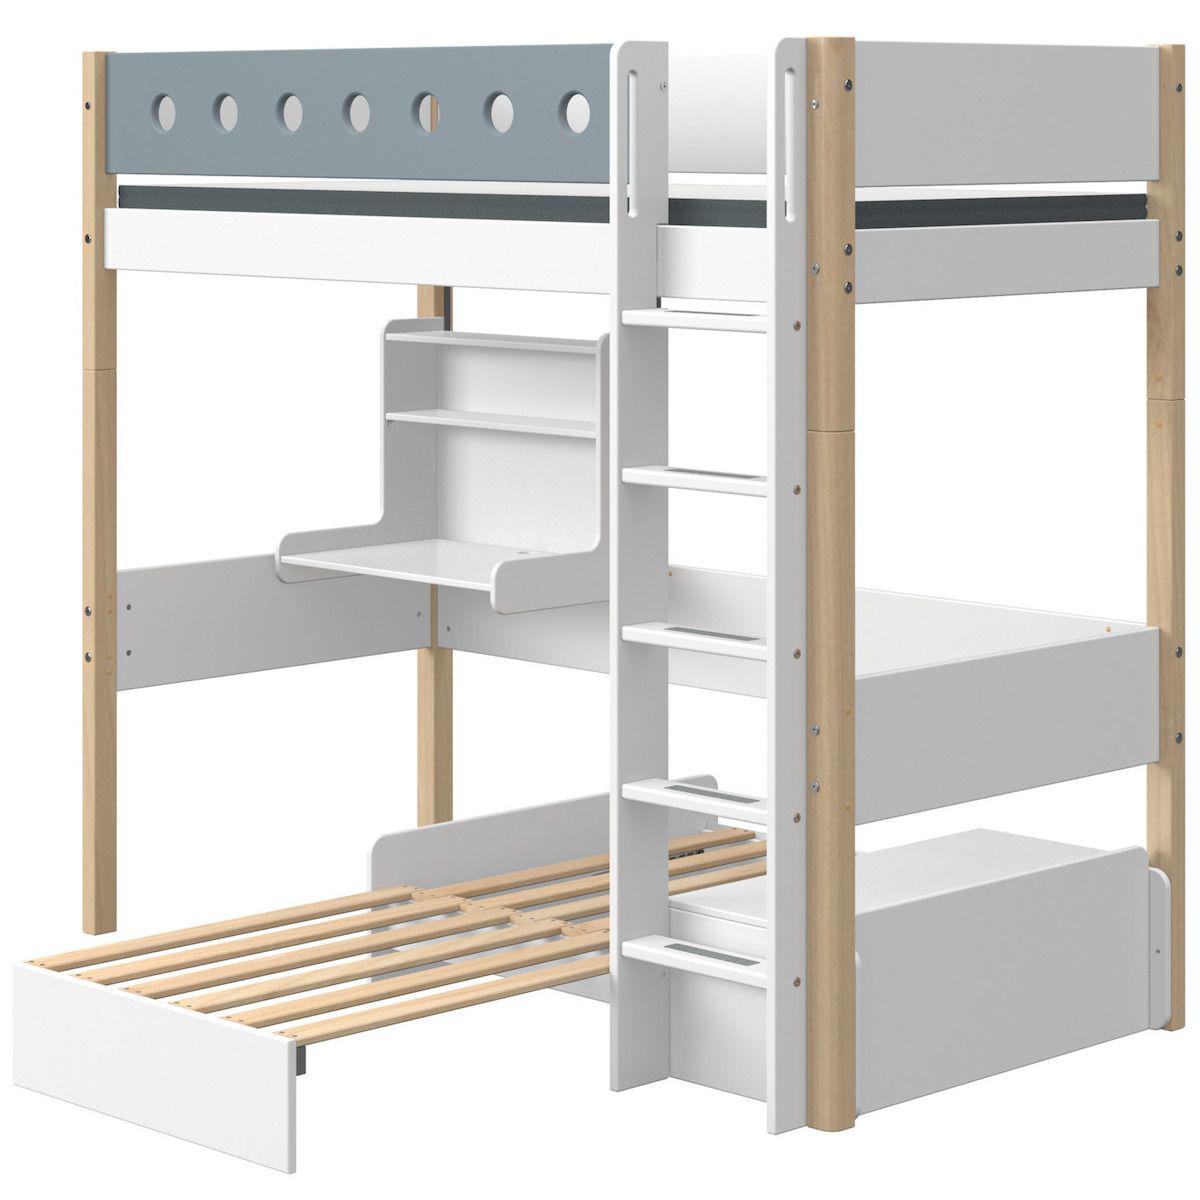 Lit mezzanine 90x200cm échelle droite bureau Click-On module de couchage casa WHITE Flexa naturel-light blue